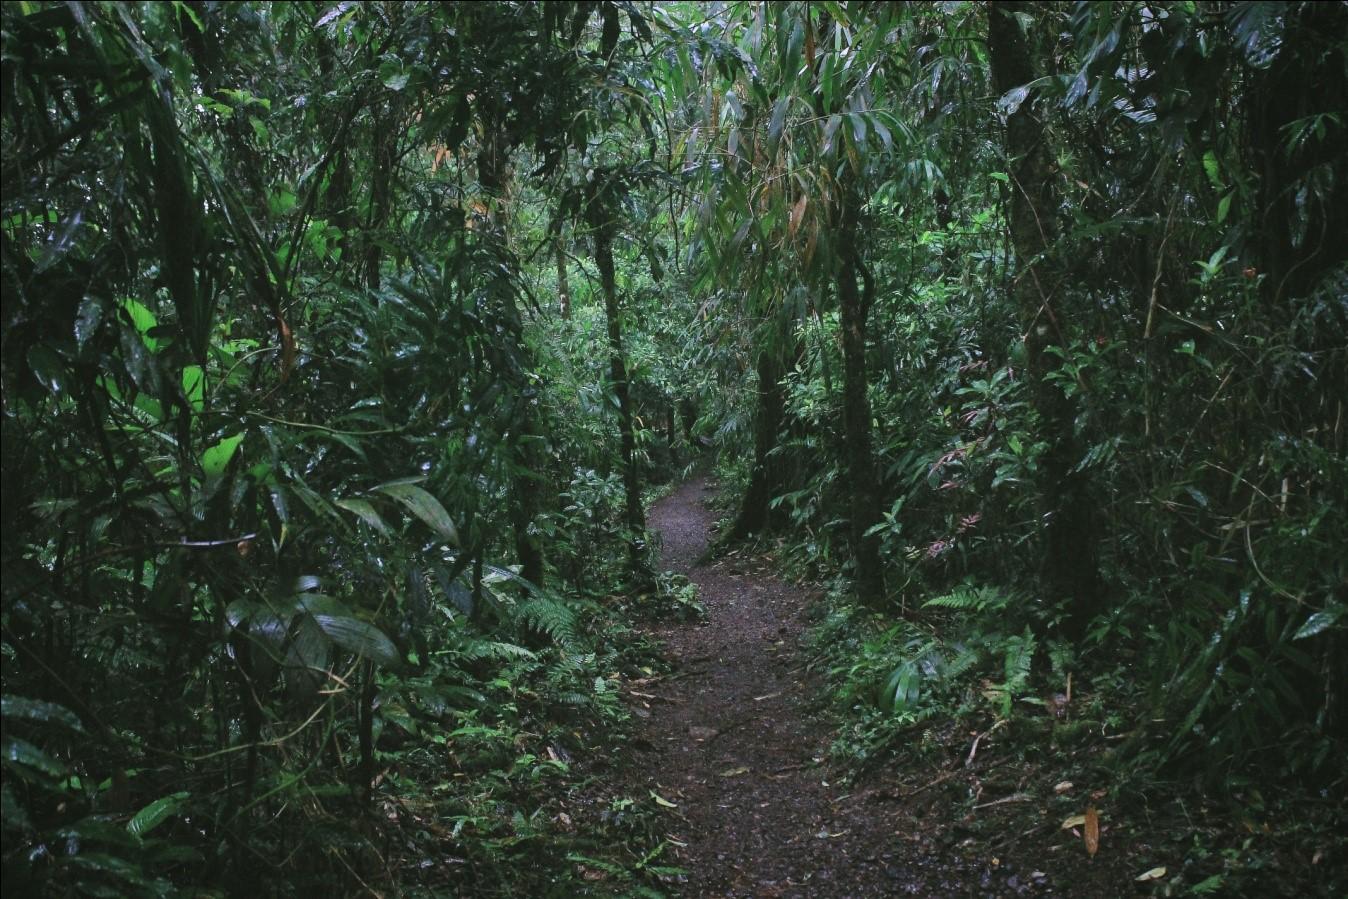 Rainforest adventures in Costa Rica